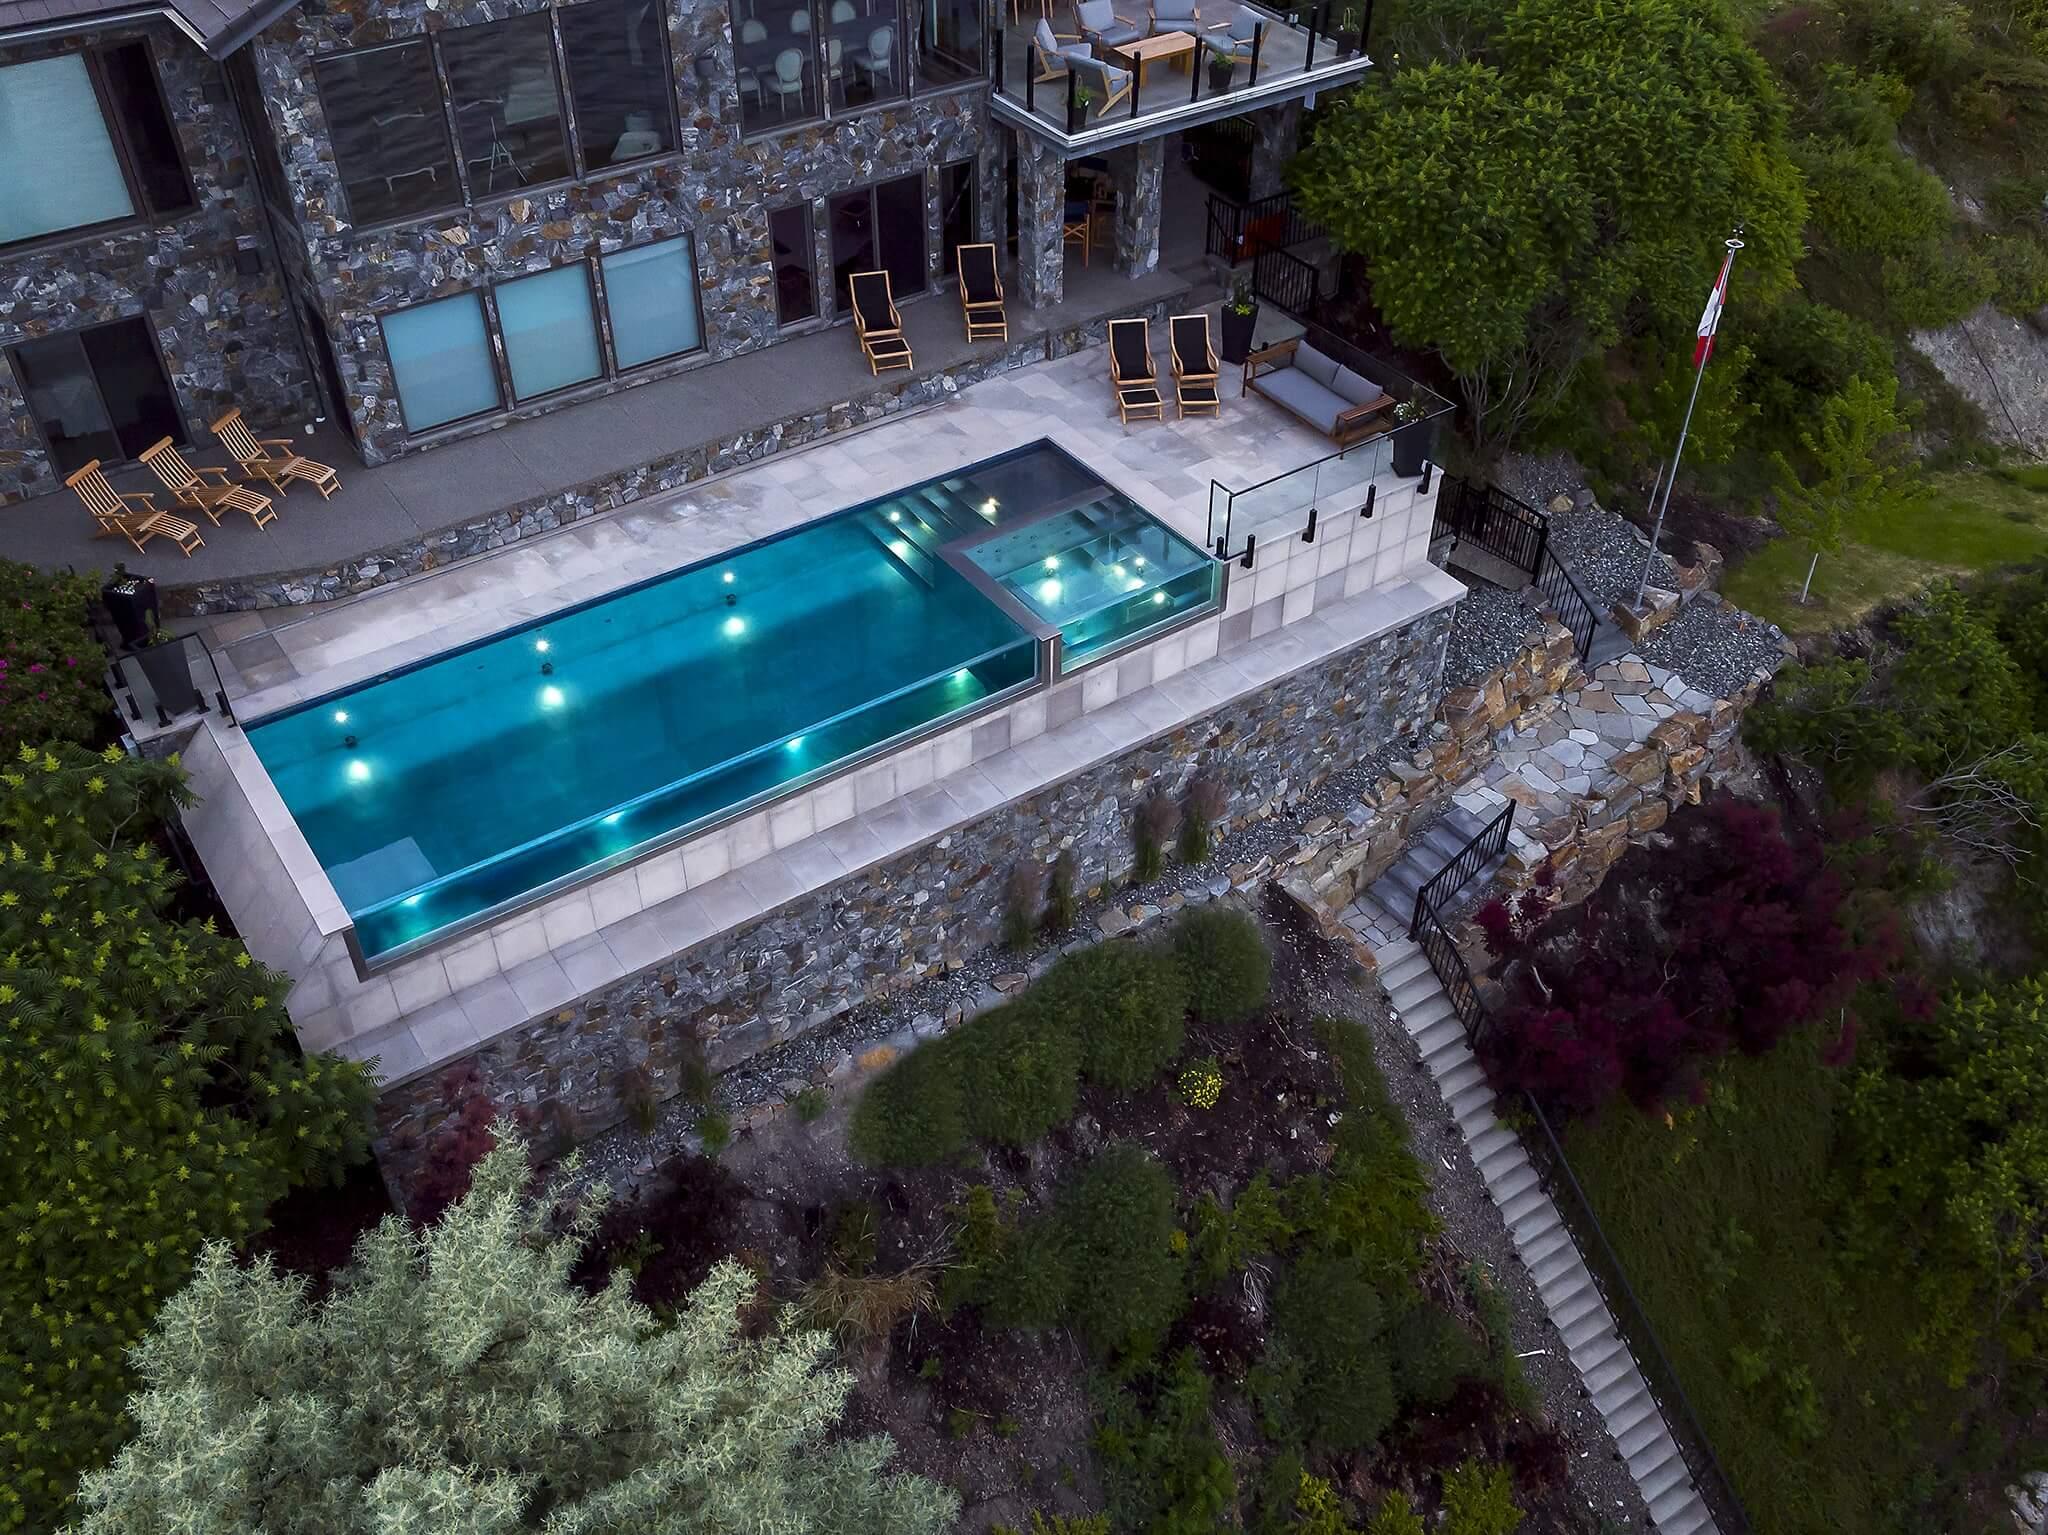 Stainless steel swimming pool in Kelowna